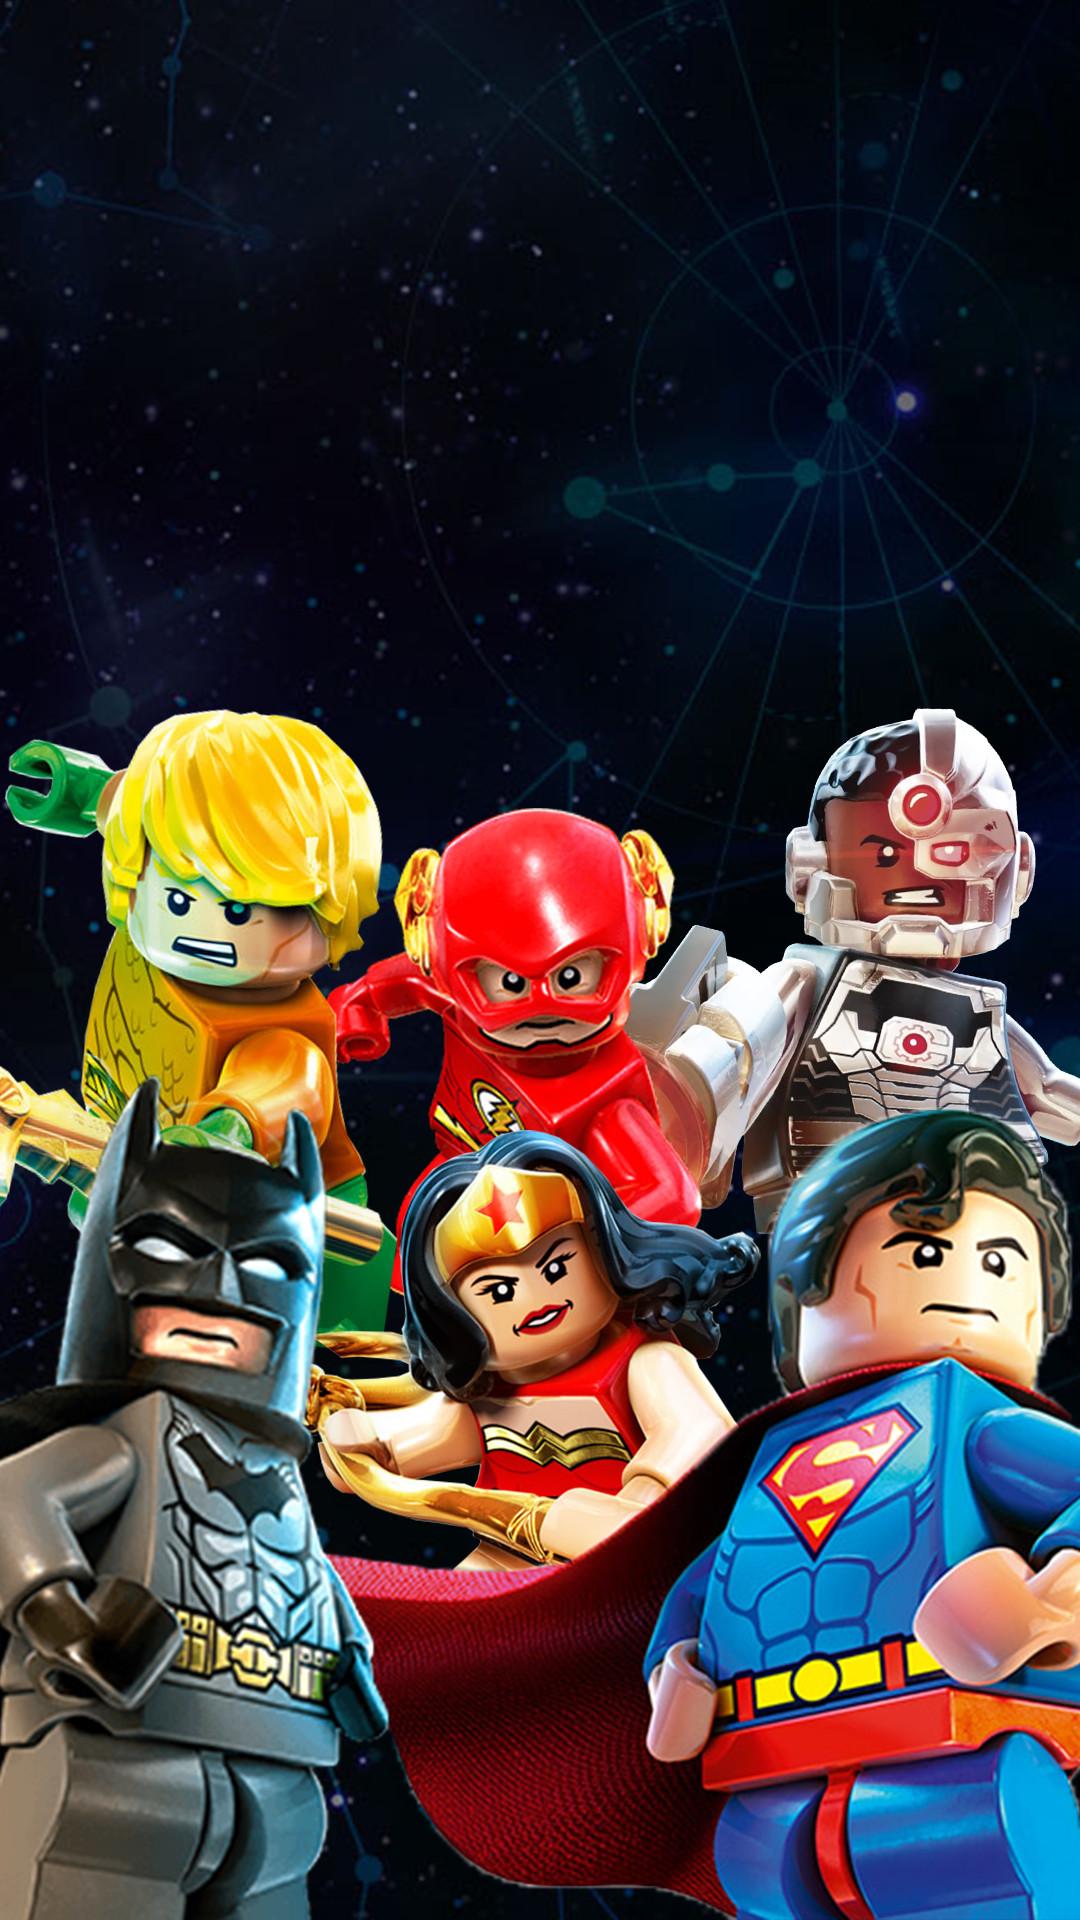 Lego Dimensions Wallpaper